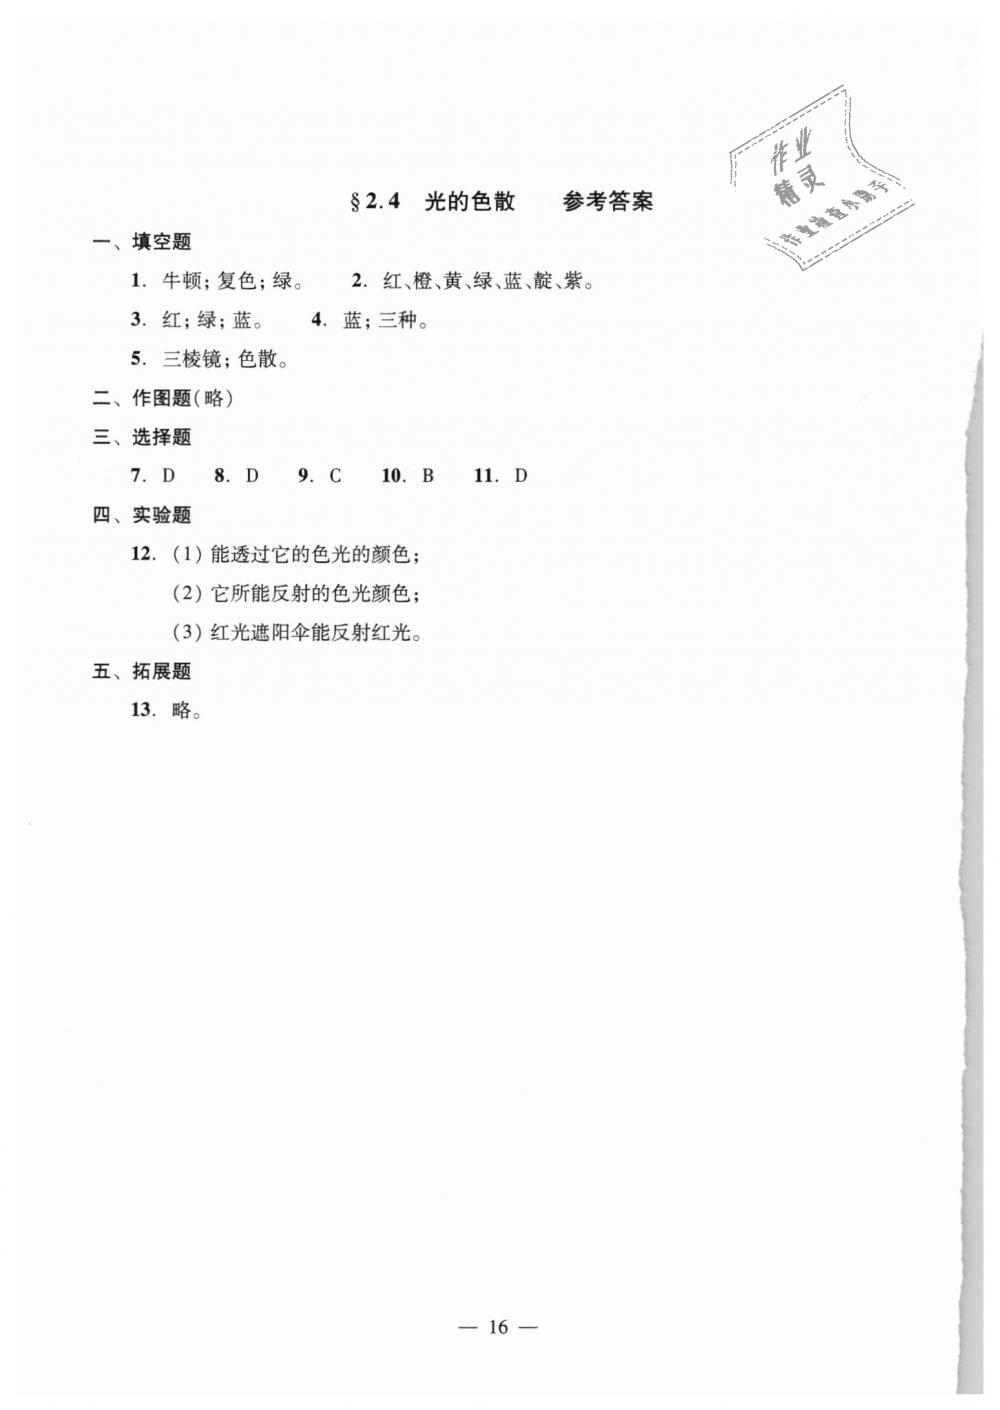 2018年初中物理双基过关堂堂练八年级全一册沪教版第16页